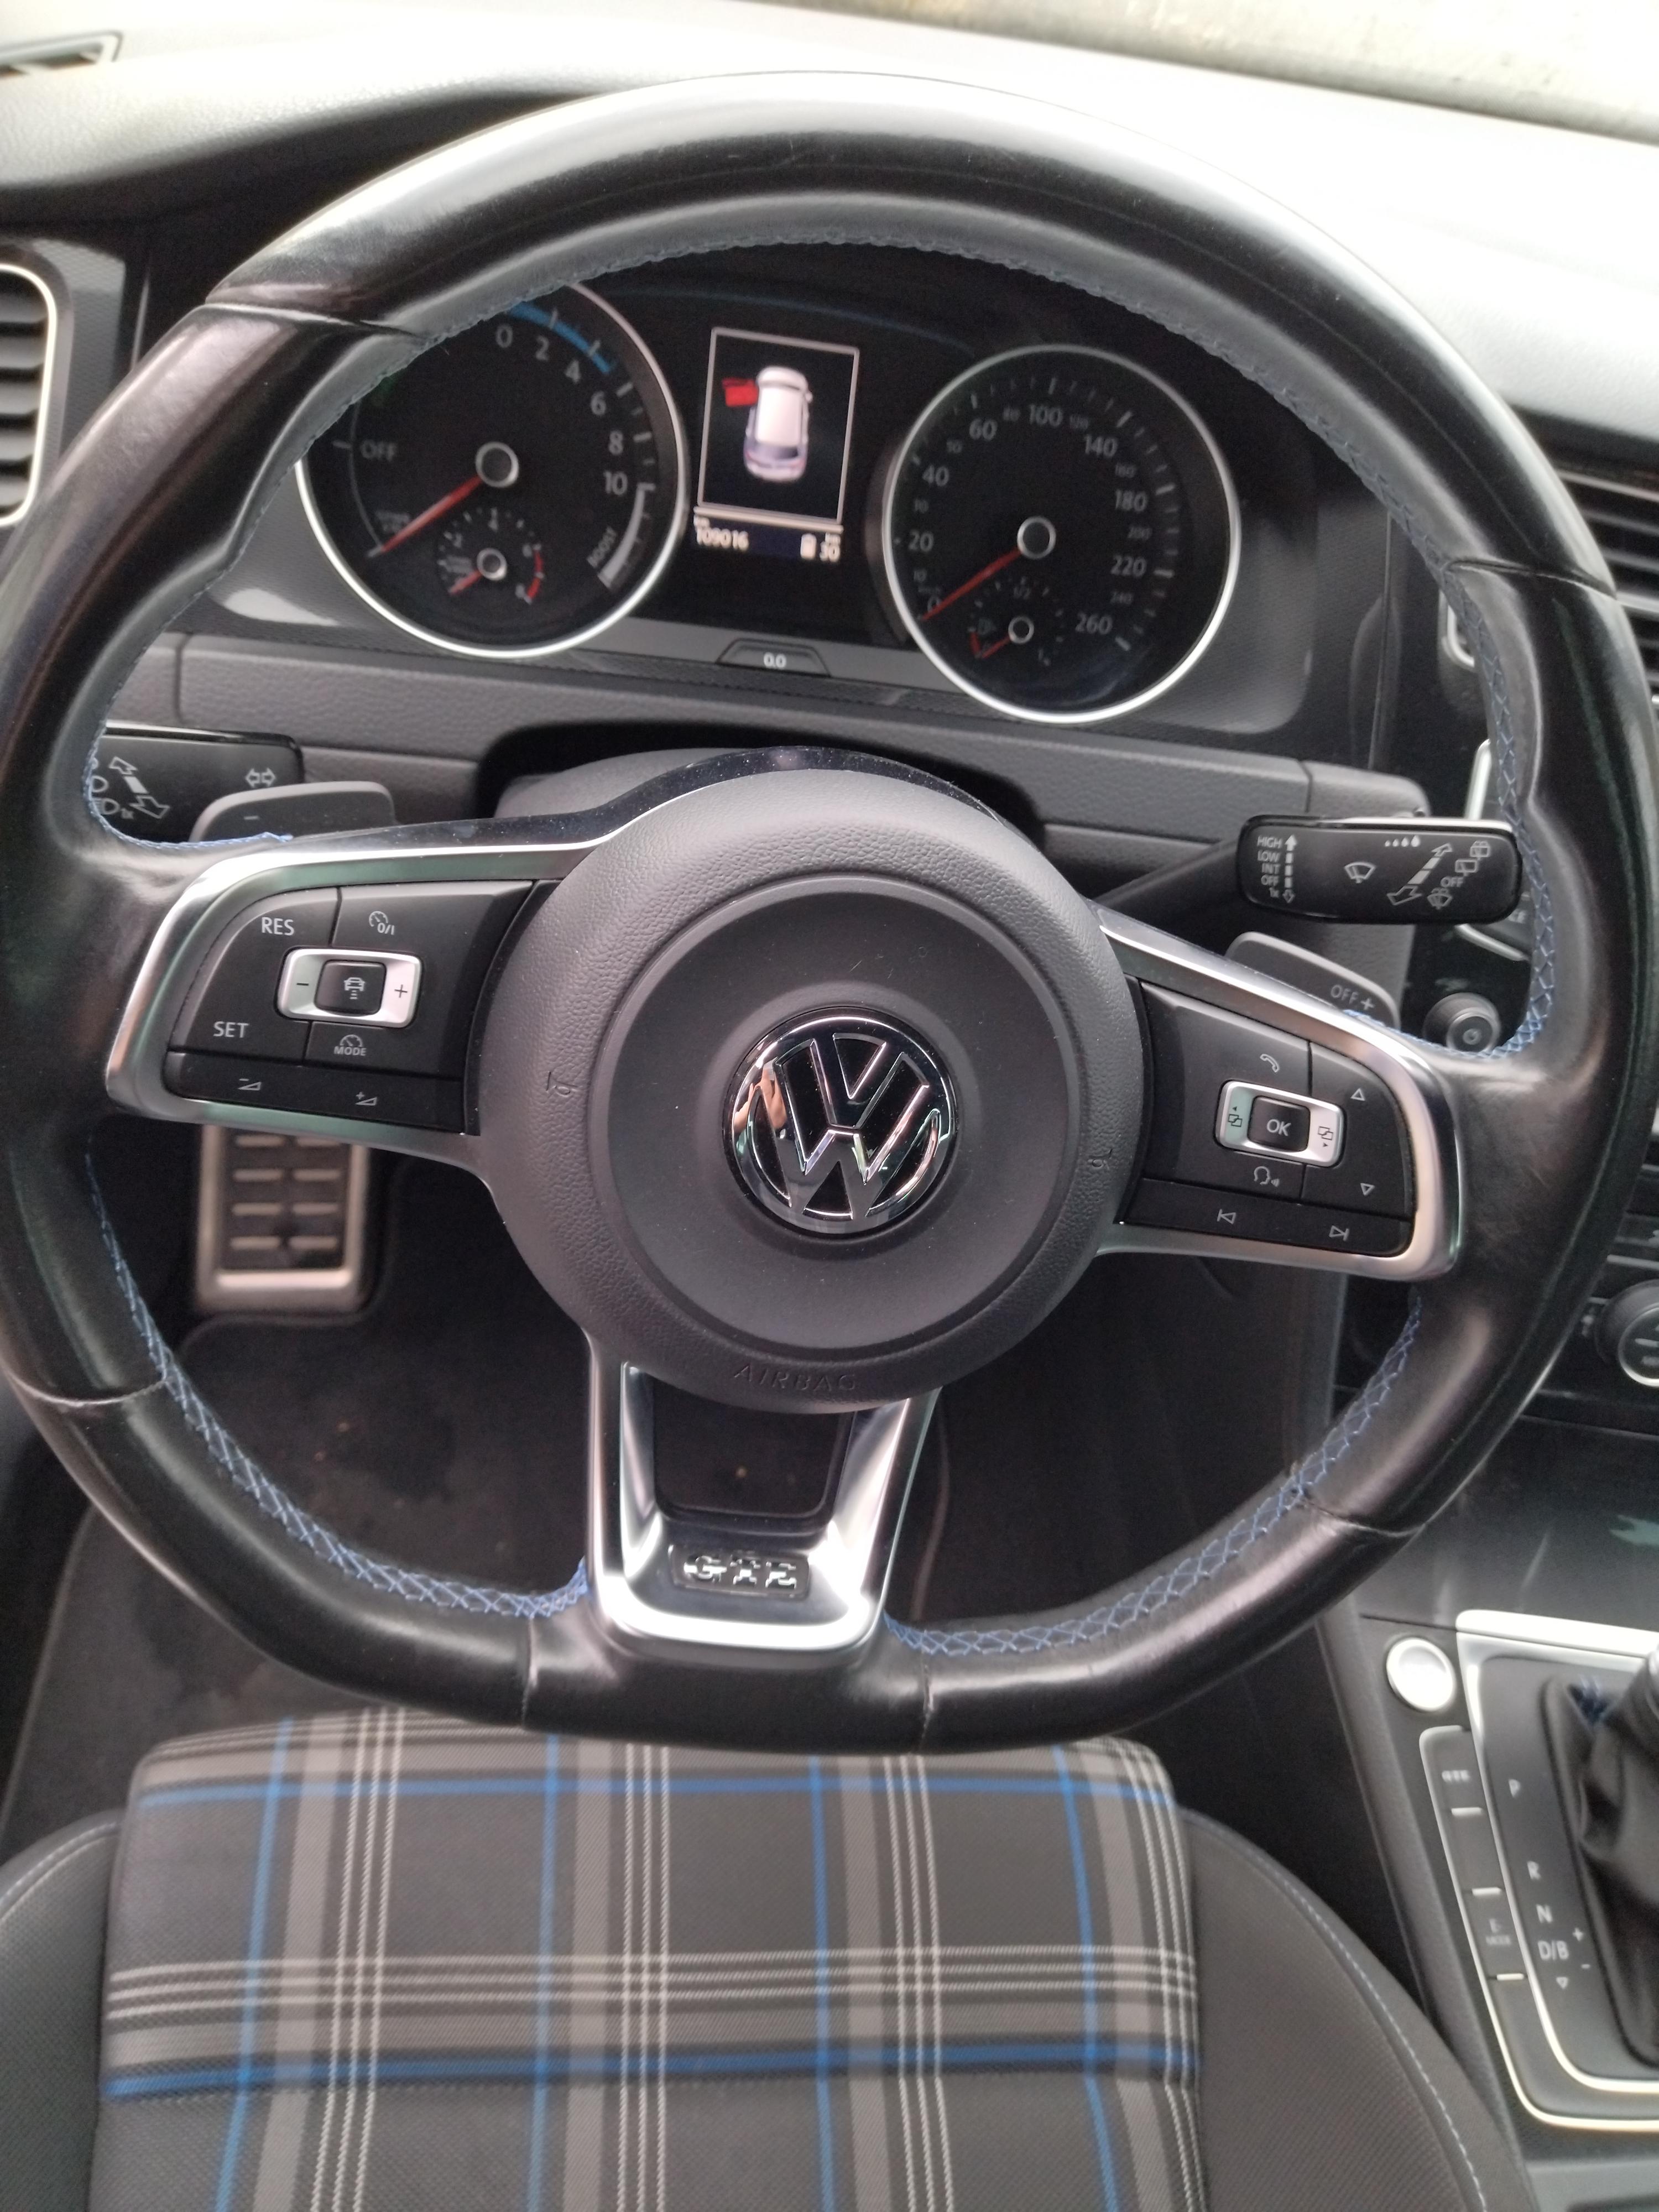 photo_Volkswagen Golf 7 1.4 TSI GTE HYBRID 204 DSG 7 GARANTIE 6 MOIS, Carslift